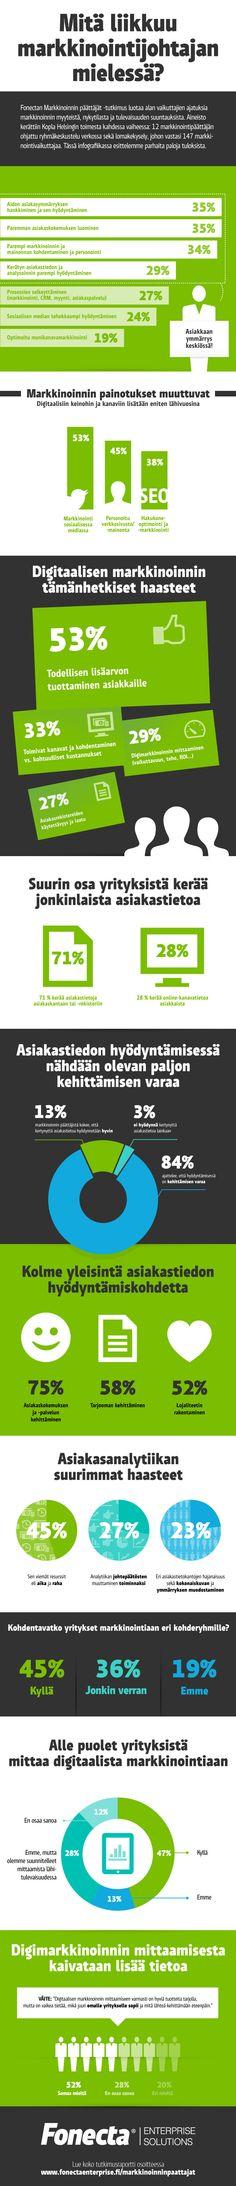 [Infografiikka] Tutkimus: Mitä liikkuu markkinointijohtajan mielessä? - Fonecta Enterprise Solutions